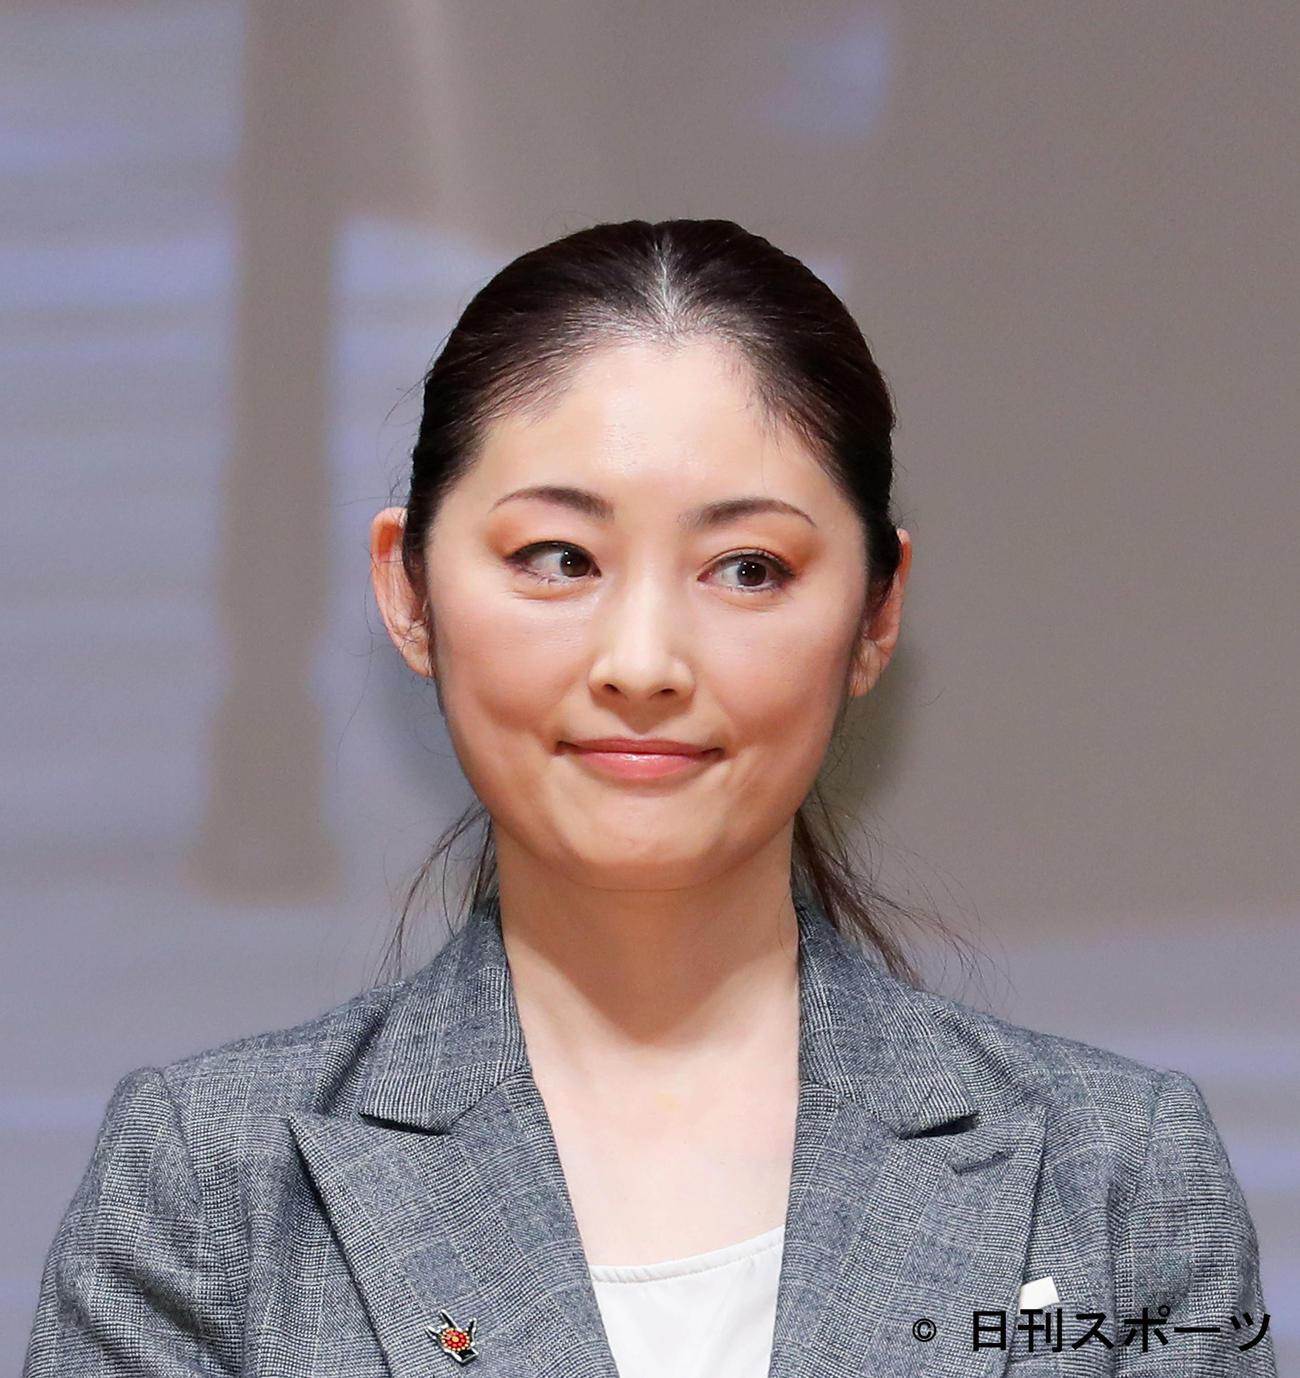 常盤貴子(2020年11月29日撮影)